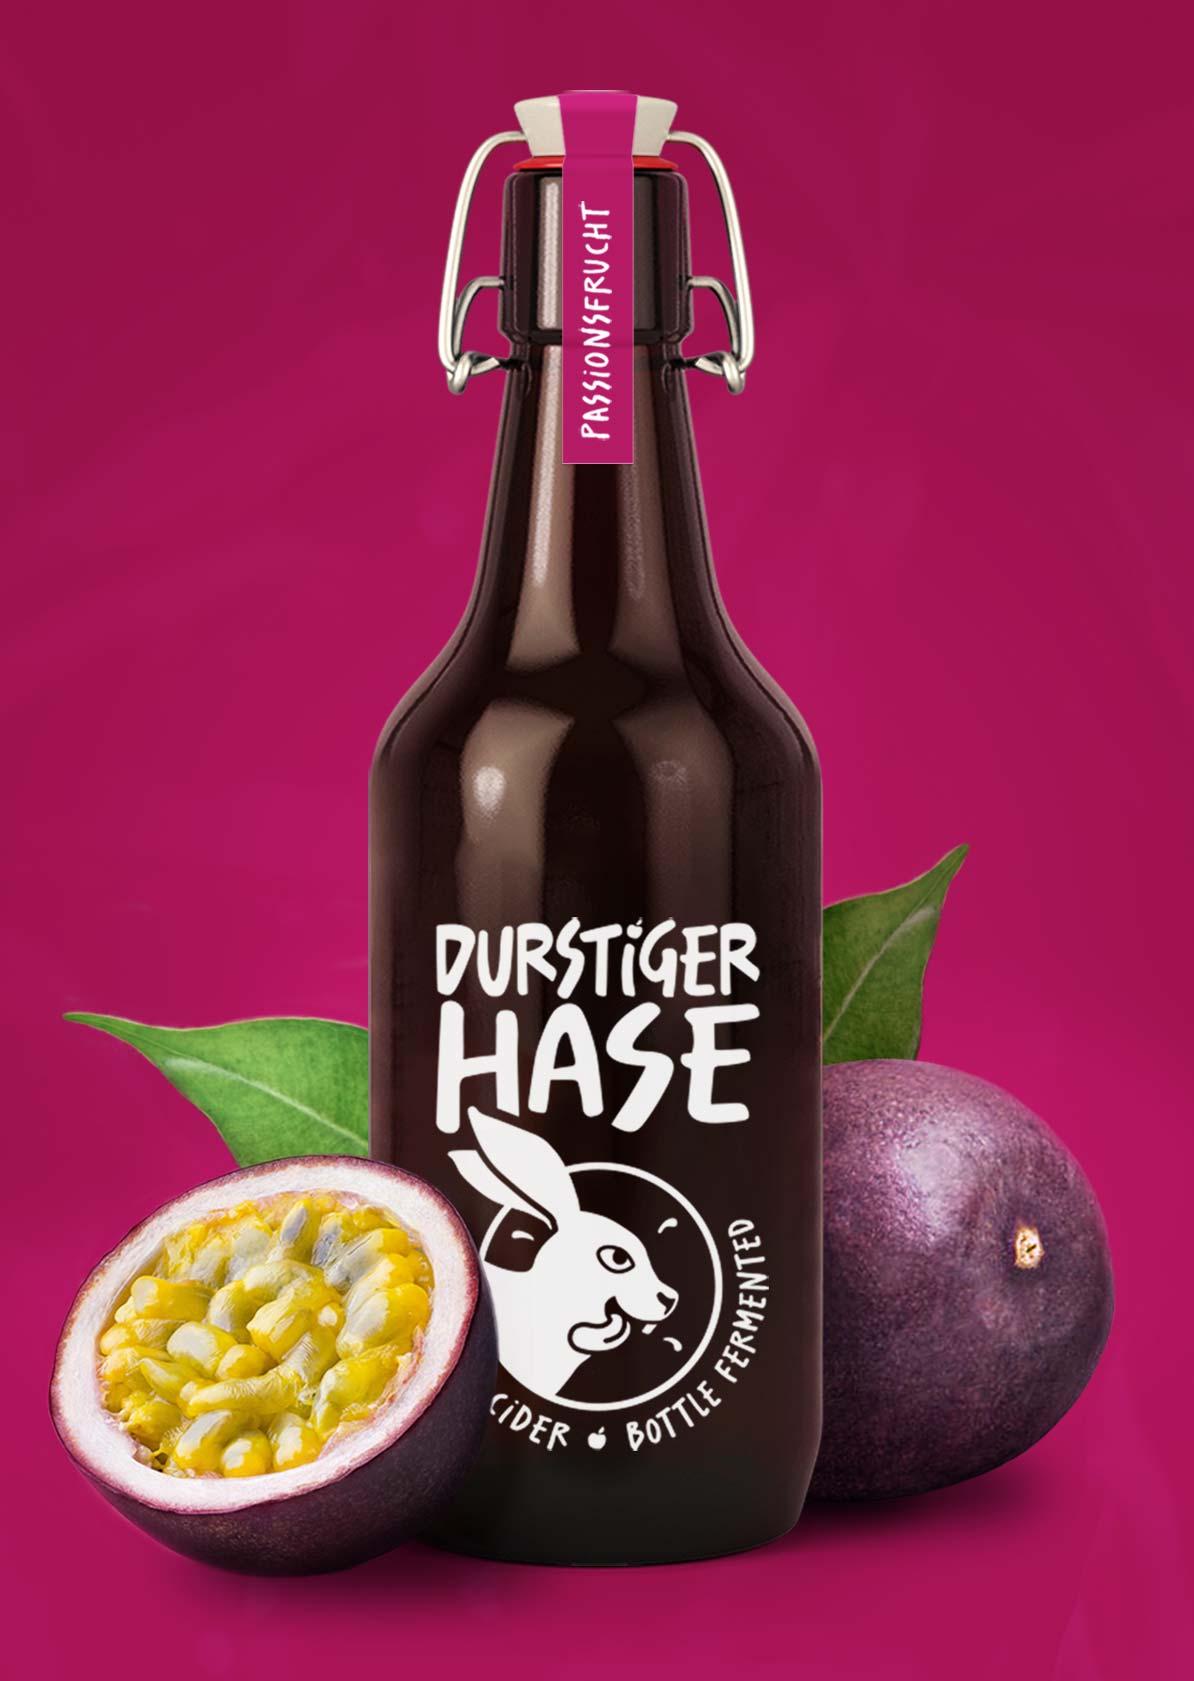 Durstiger-Hase-bottle-cap-label